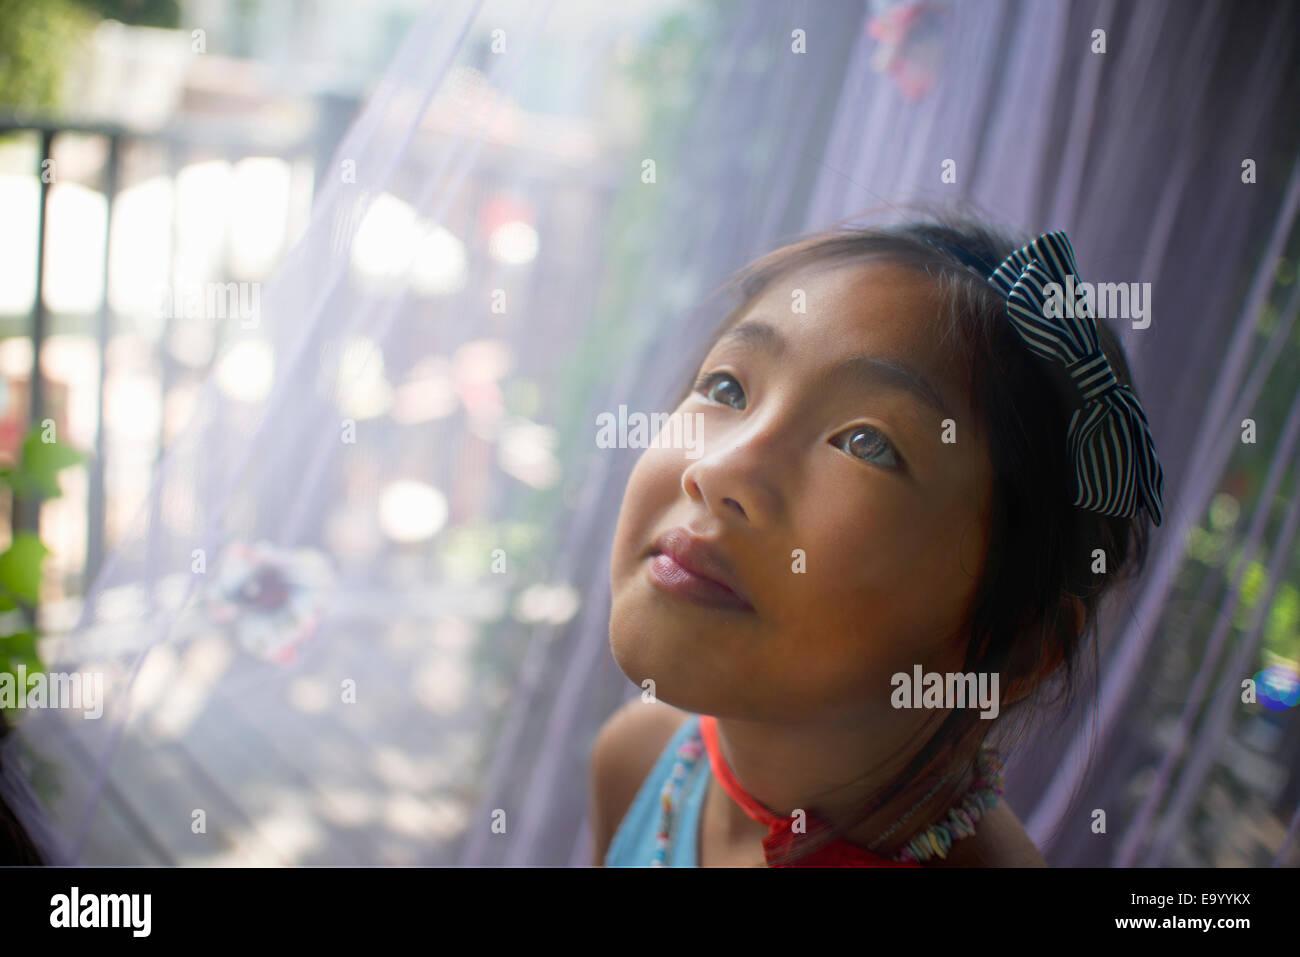 Porträt der jungen Asiatin, Kopf und Schultern, close-up Stockbild